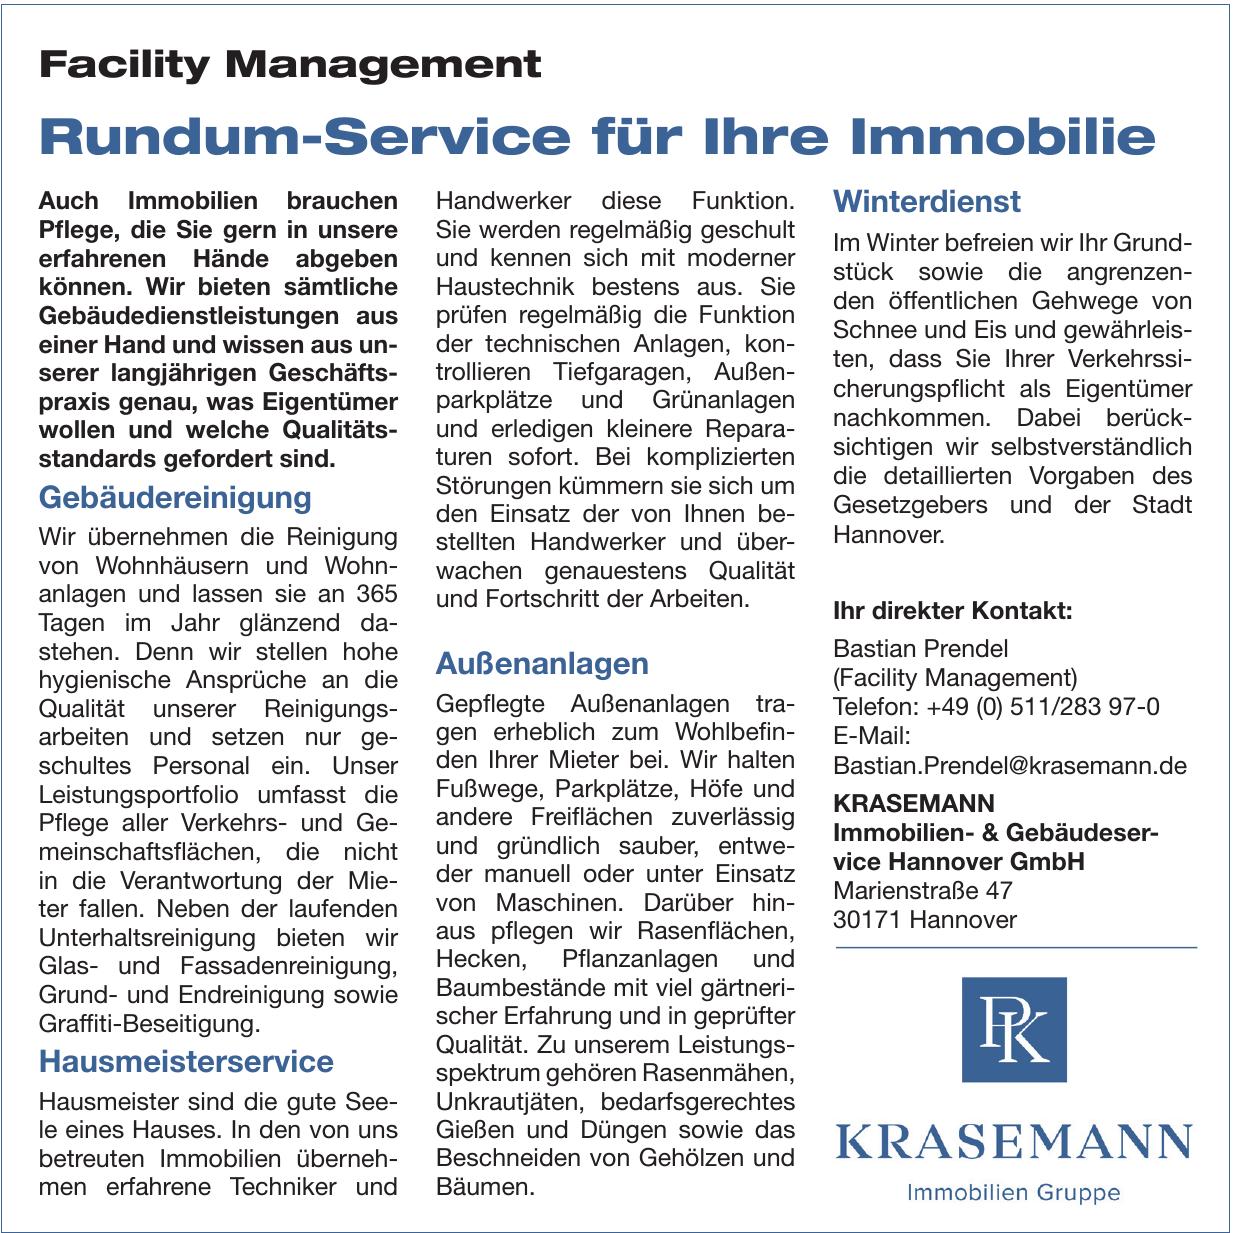 Krasemann Immobilien- & Gebäudeservice Hannover GmbH